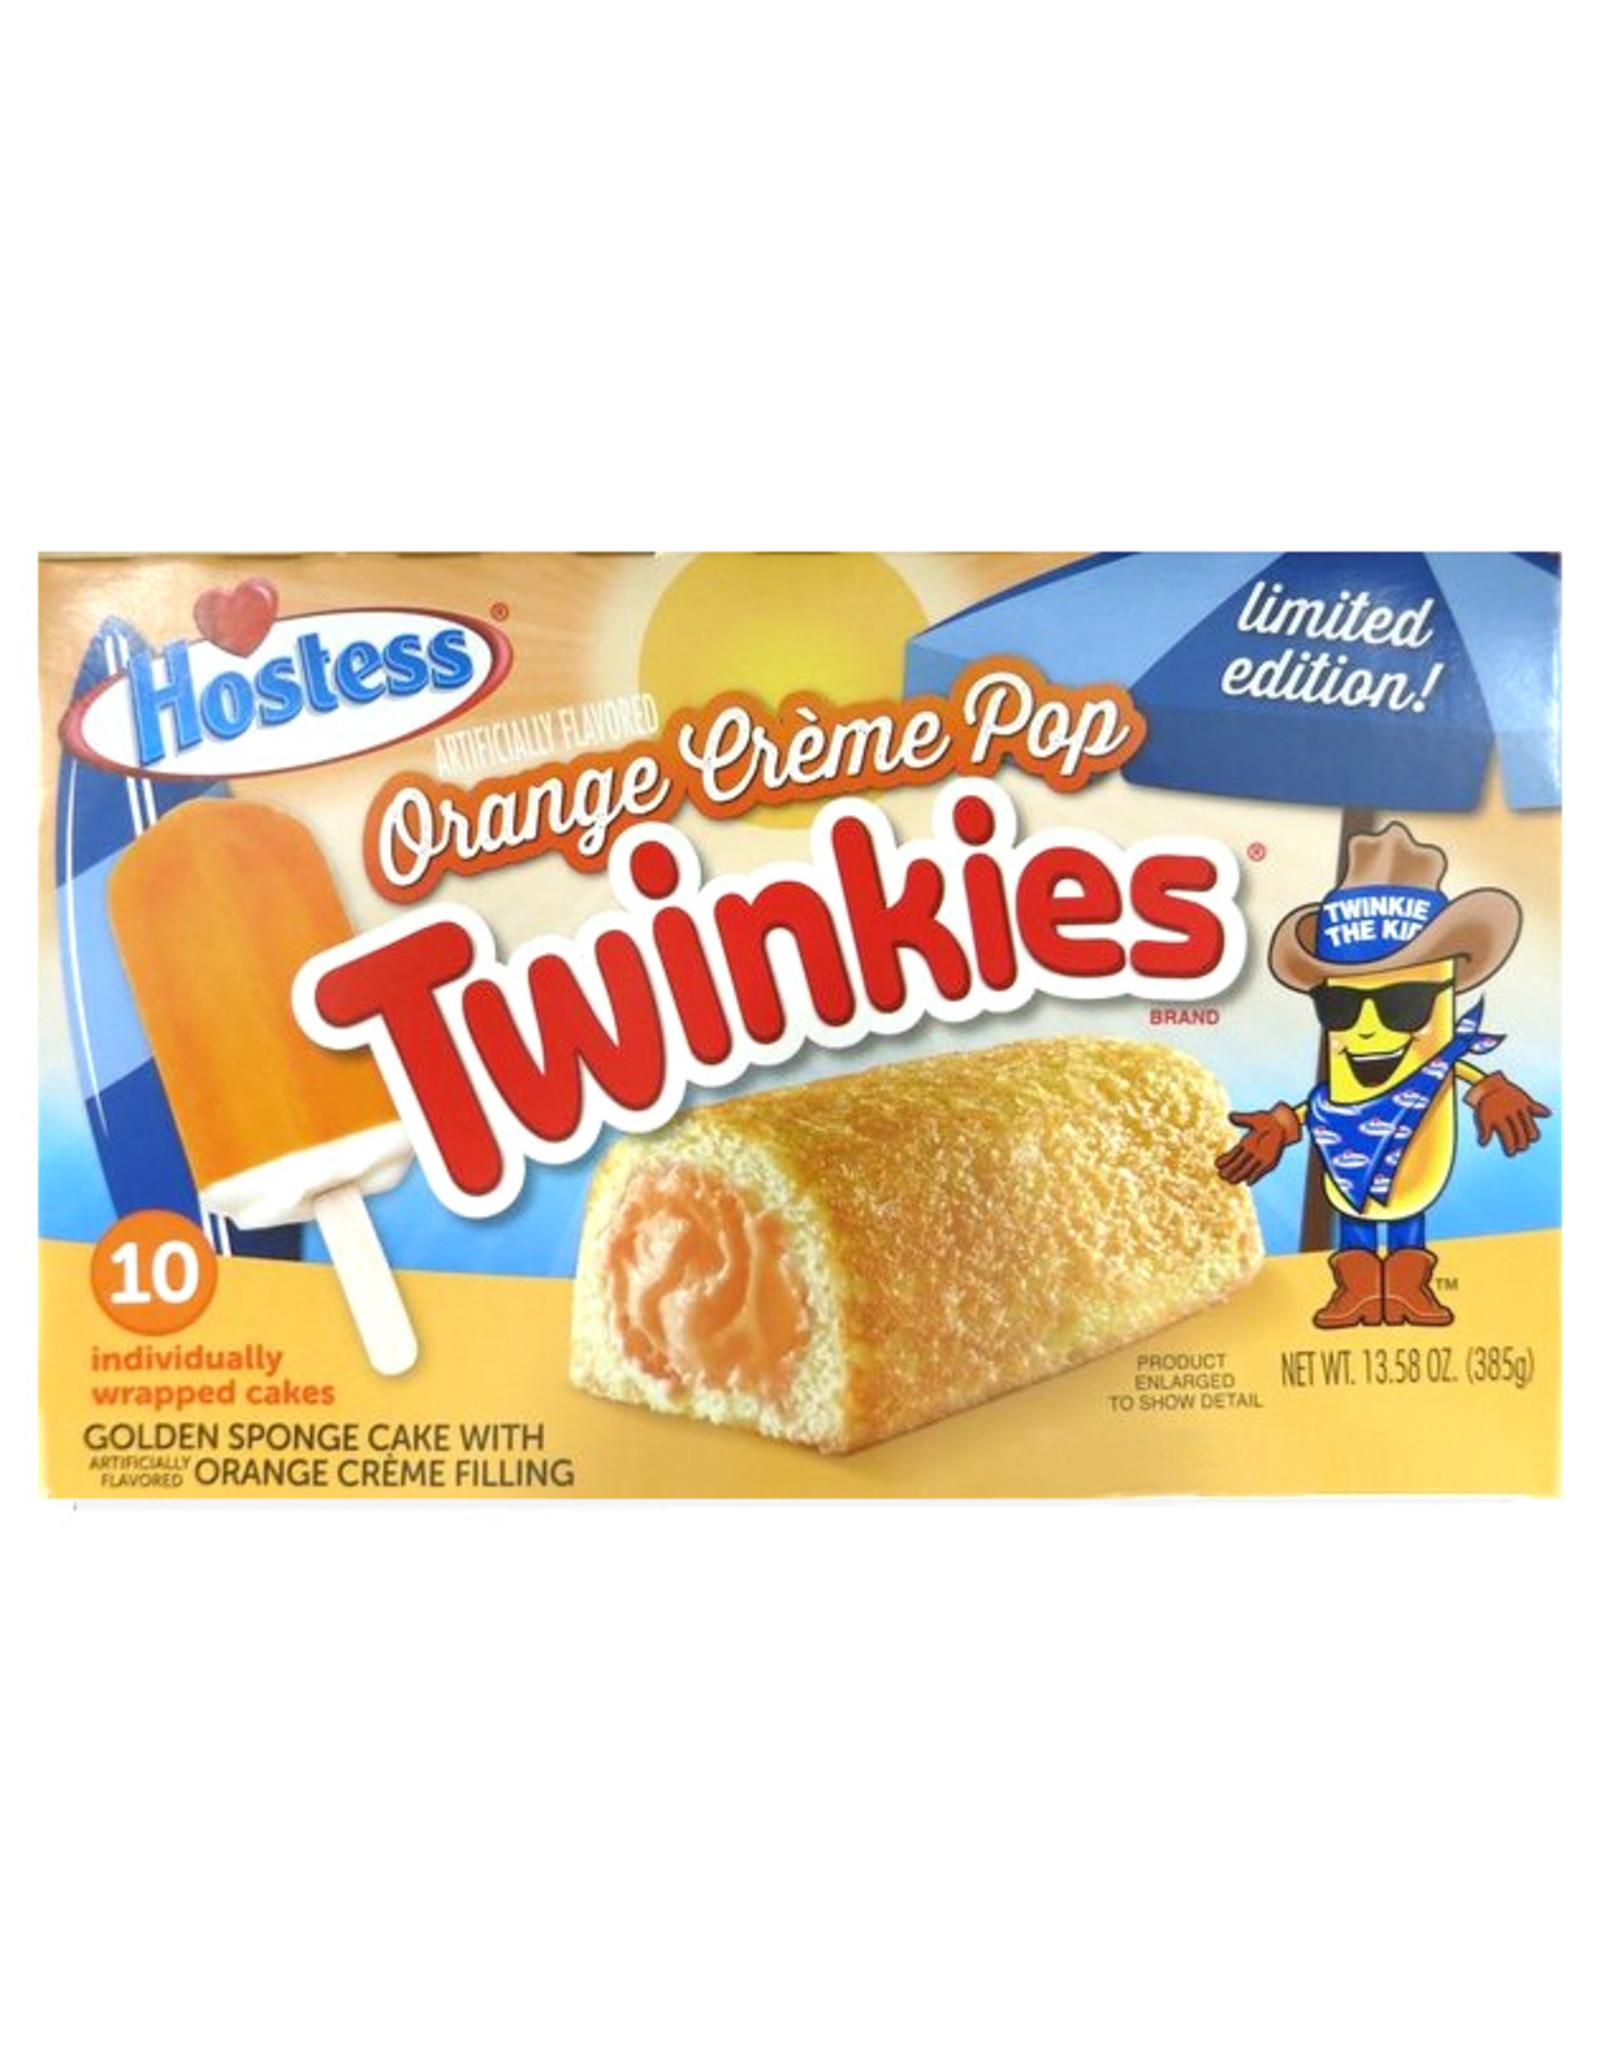 Twinkies Orange Crème Pop - Limited Edition - Doos van 10 - 385g